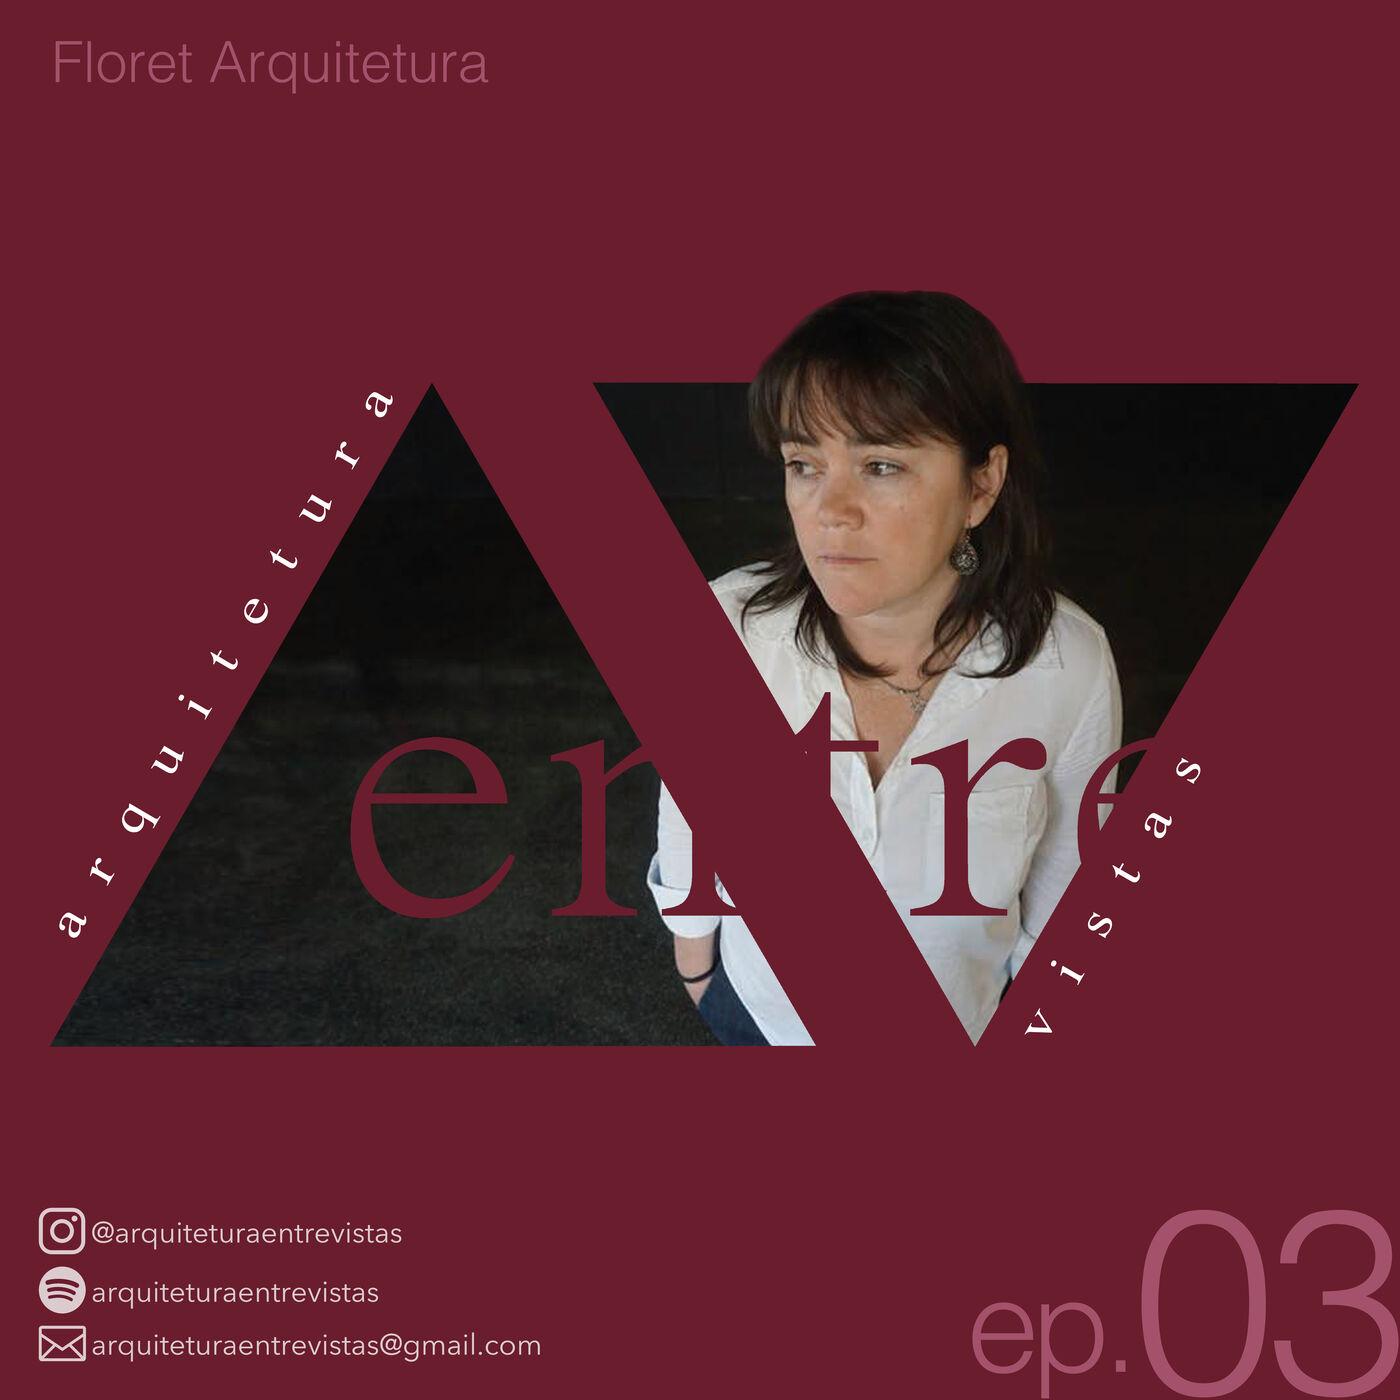 EP.3 Floret Arquitetura, Arquitetura Entre Vistas